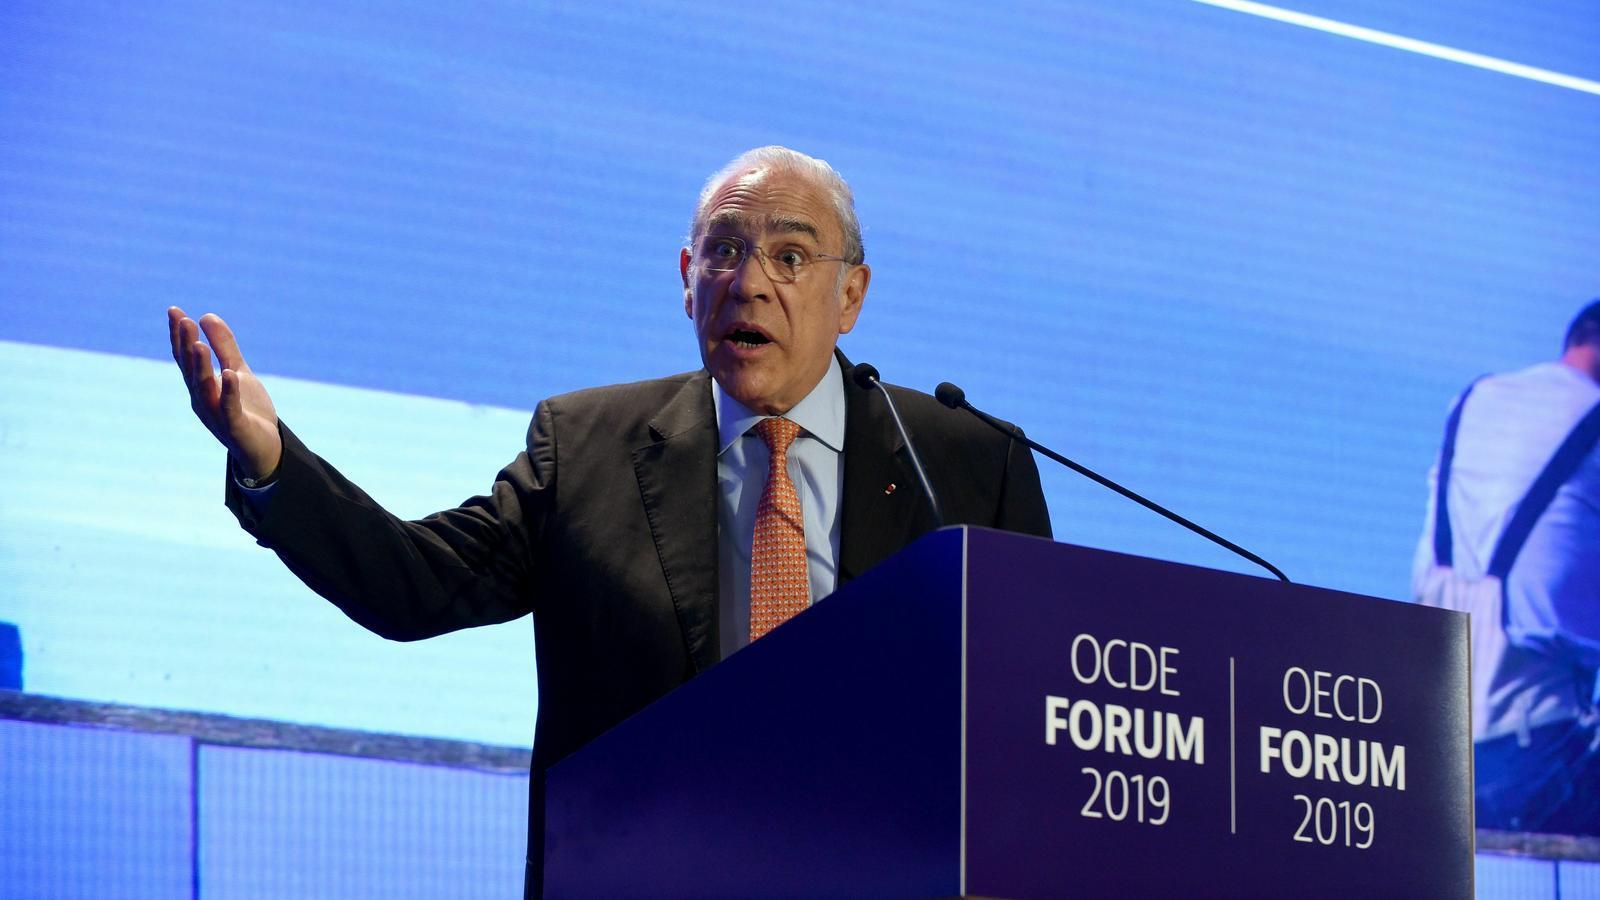 El president de l'OCDE, Ángel Gurría, ha retallat les previsions de creixement de l'economia mundial